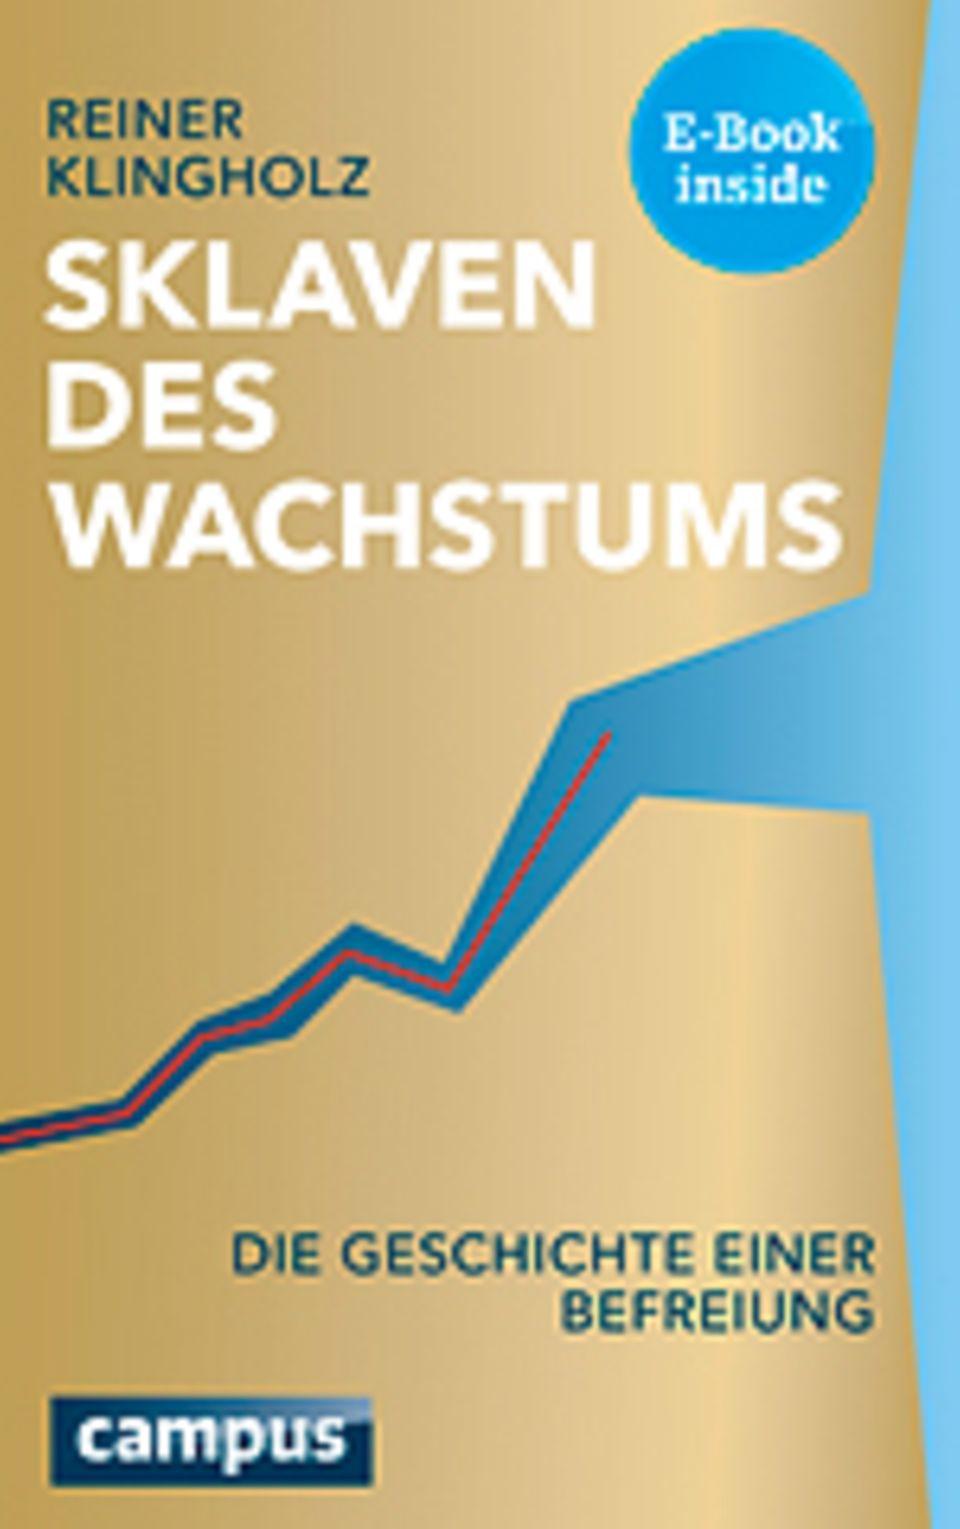 """Zukunft: Reiner Klingholz' Buch """"Sklaven des Wachstums - die Geschichte einer Befreiung"""" ist im Campus-Verlag erschienen: 348 Seiten, inklusive E-Book, 24, 99 Euro"""